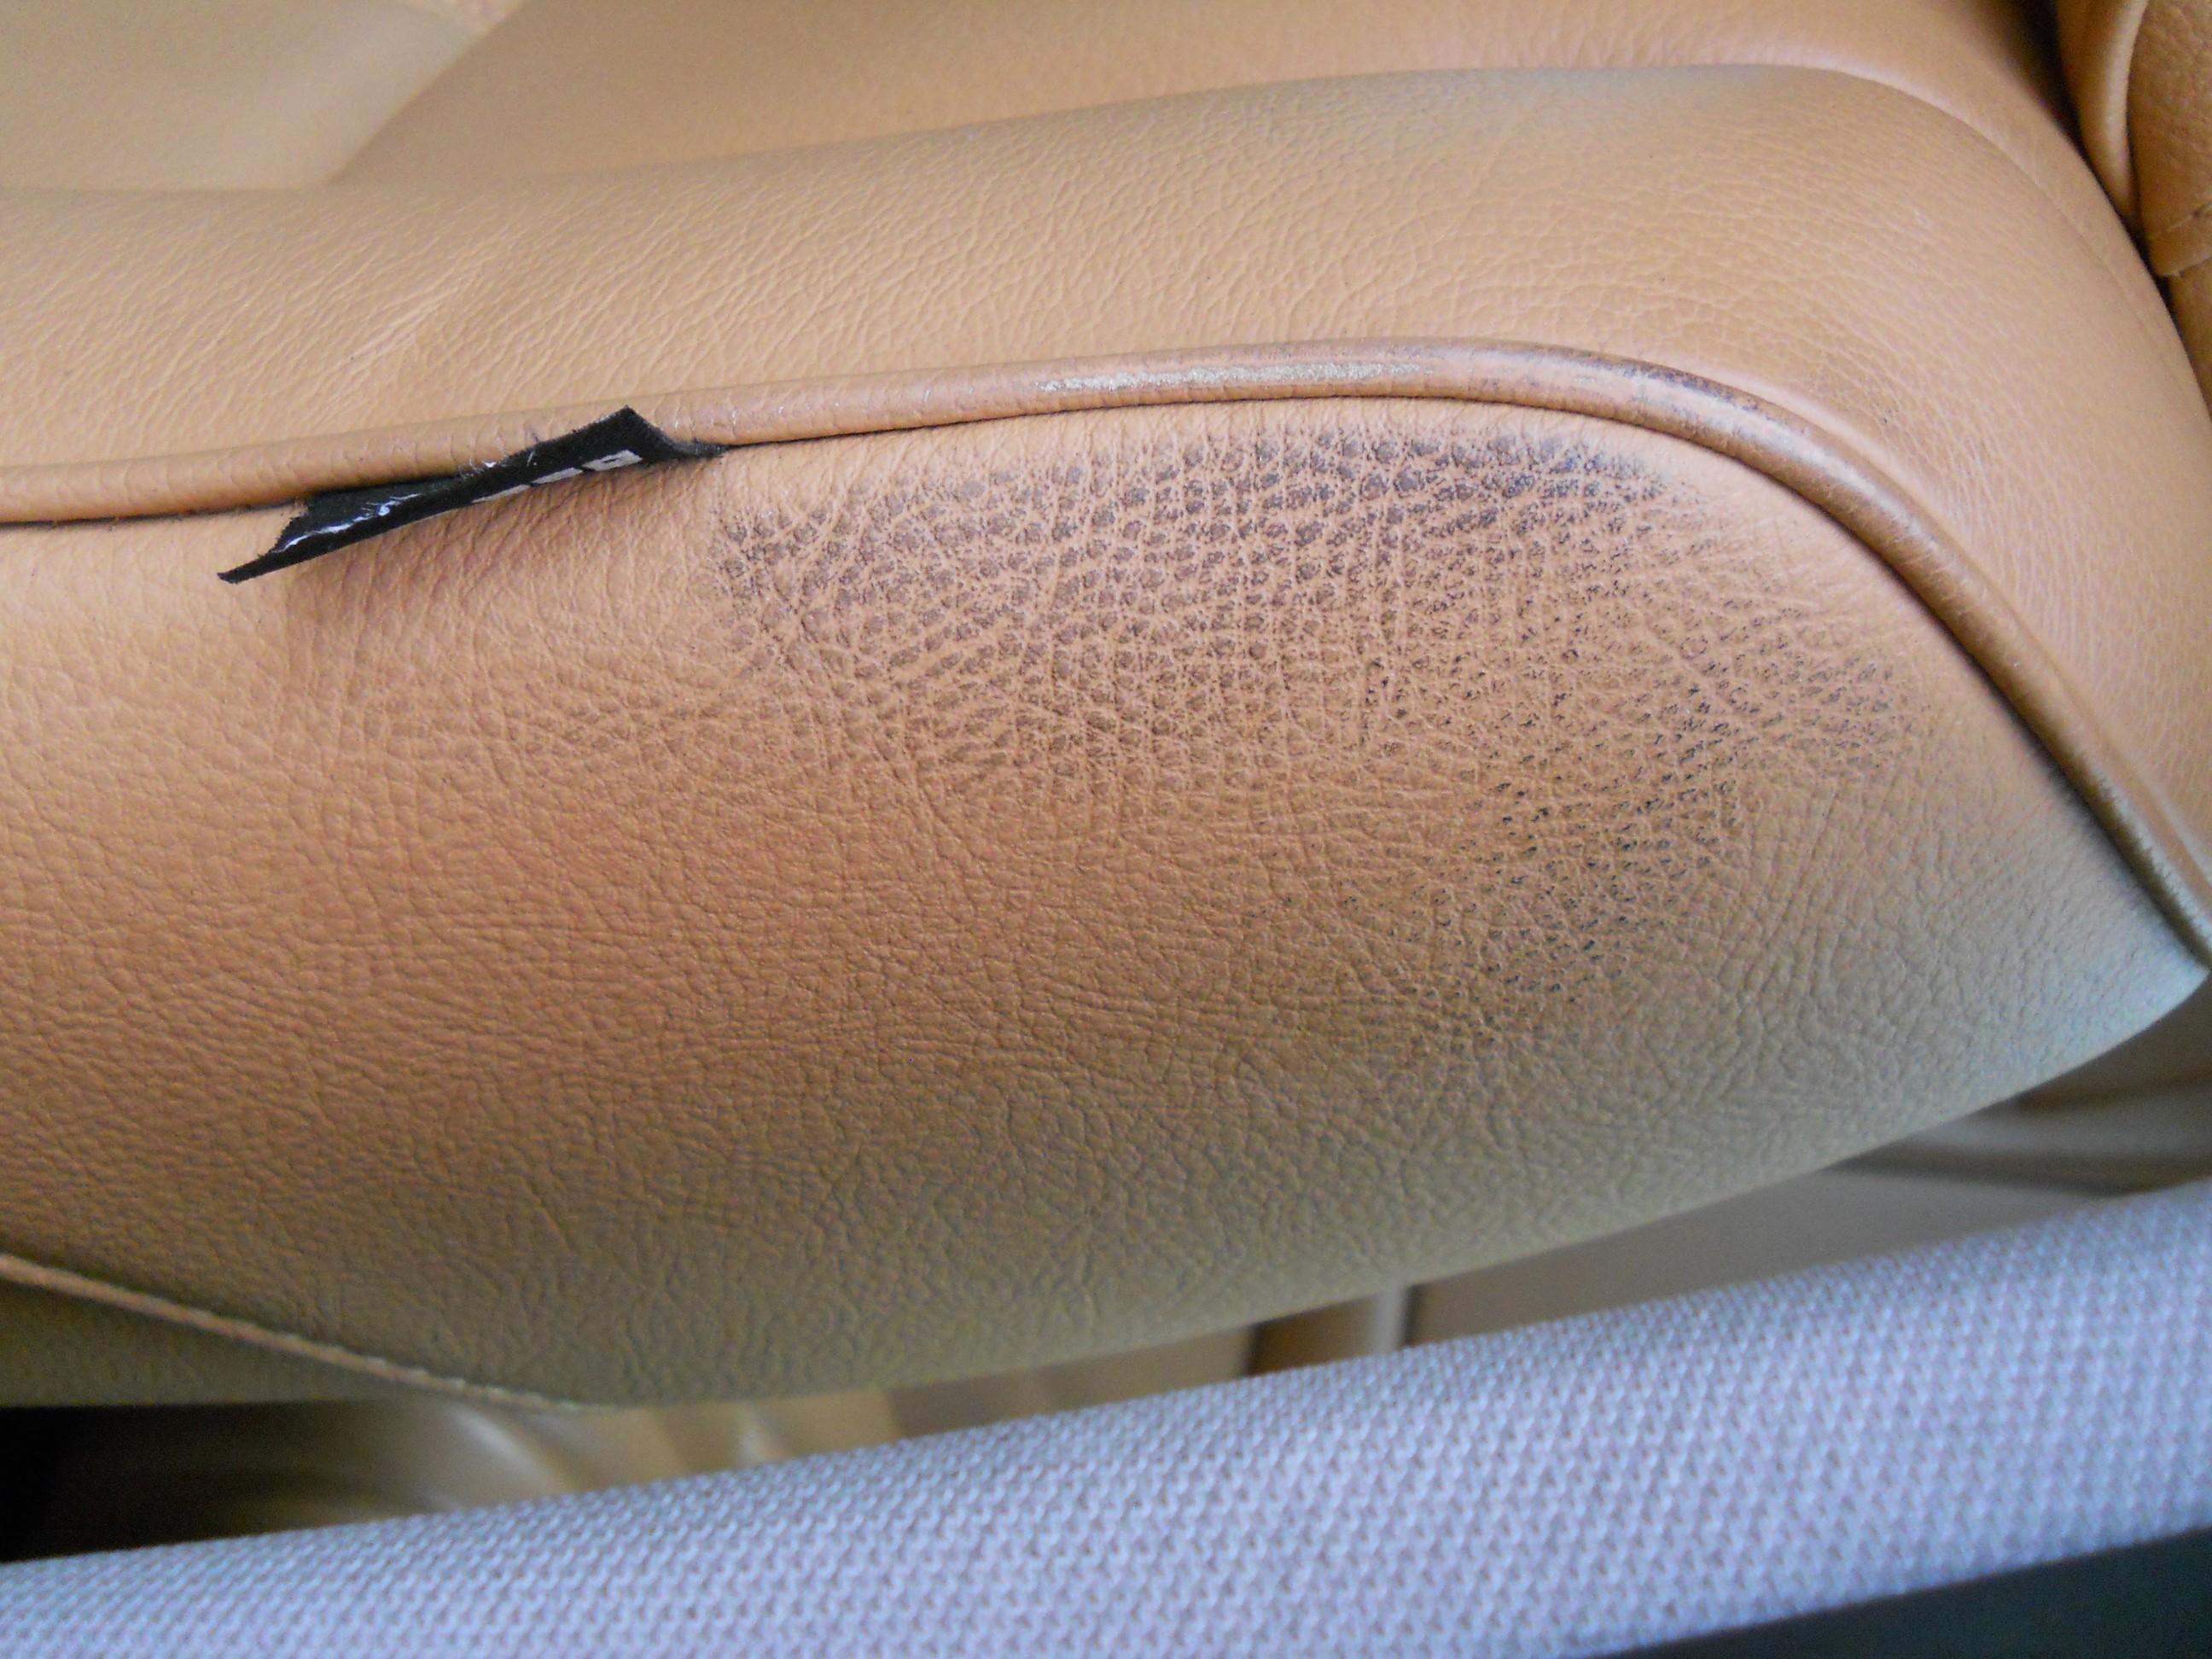 Nettoyage d 39 un int rieur cuir trucs et astuces page for Nettoyage d un canape en cuir